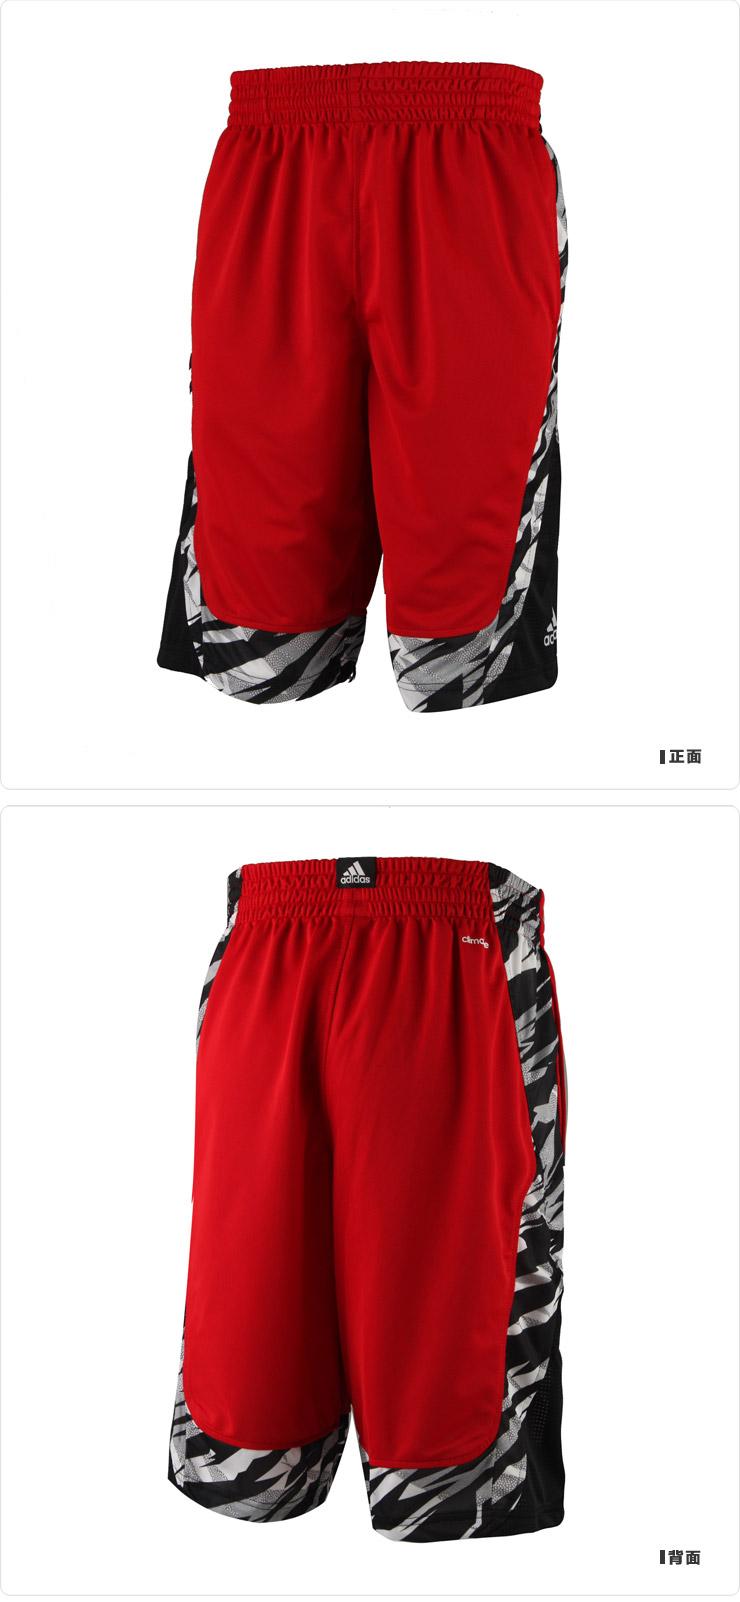 阿迪达斯adidas运动服男装篮球运动短裤z20396